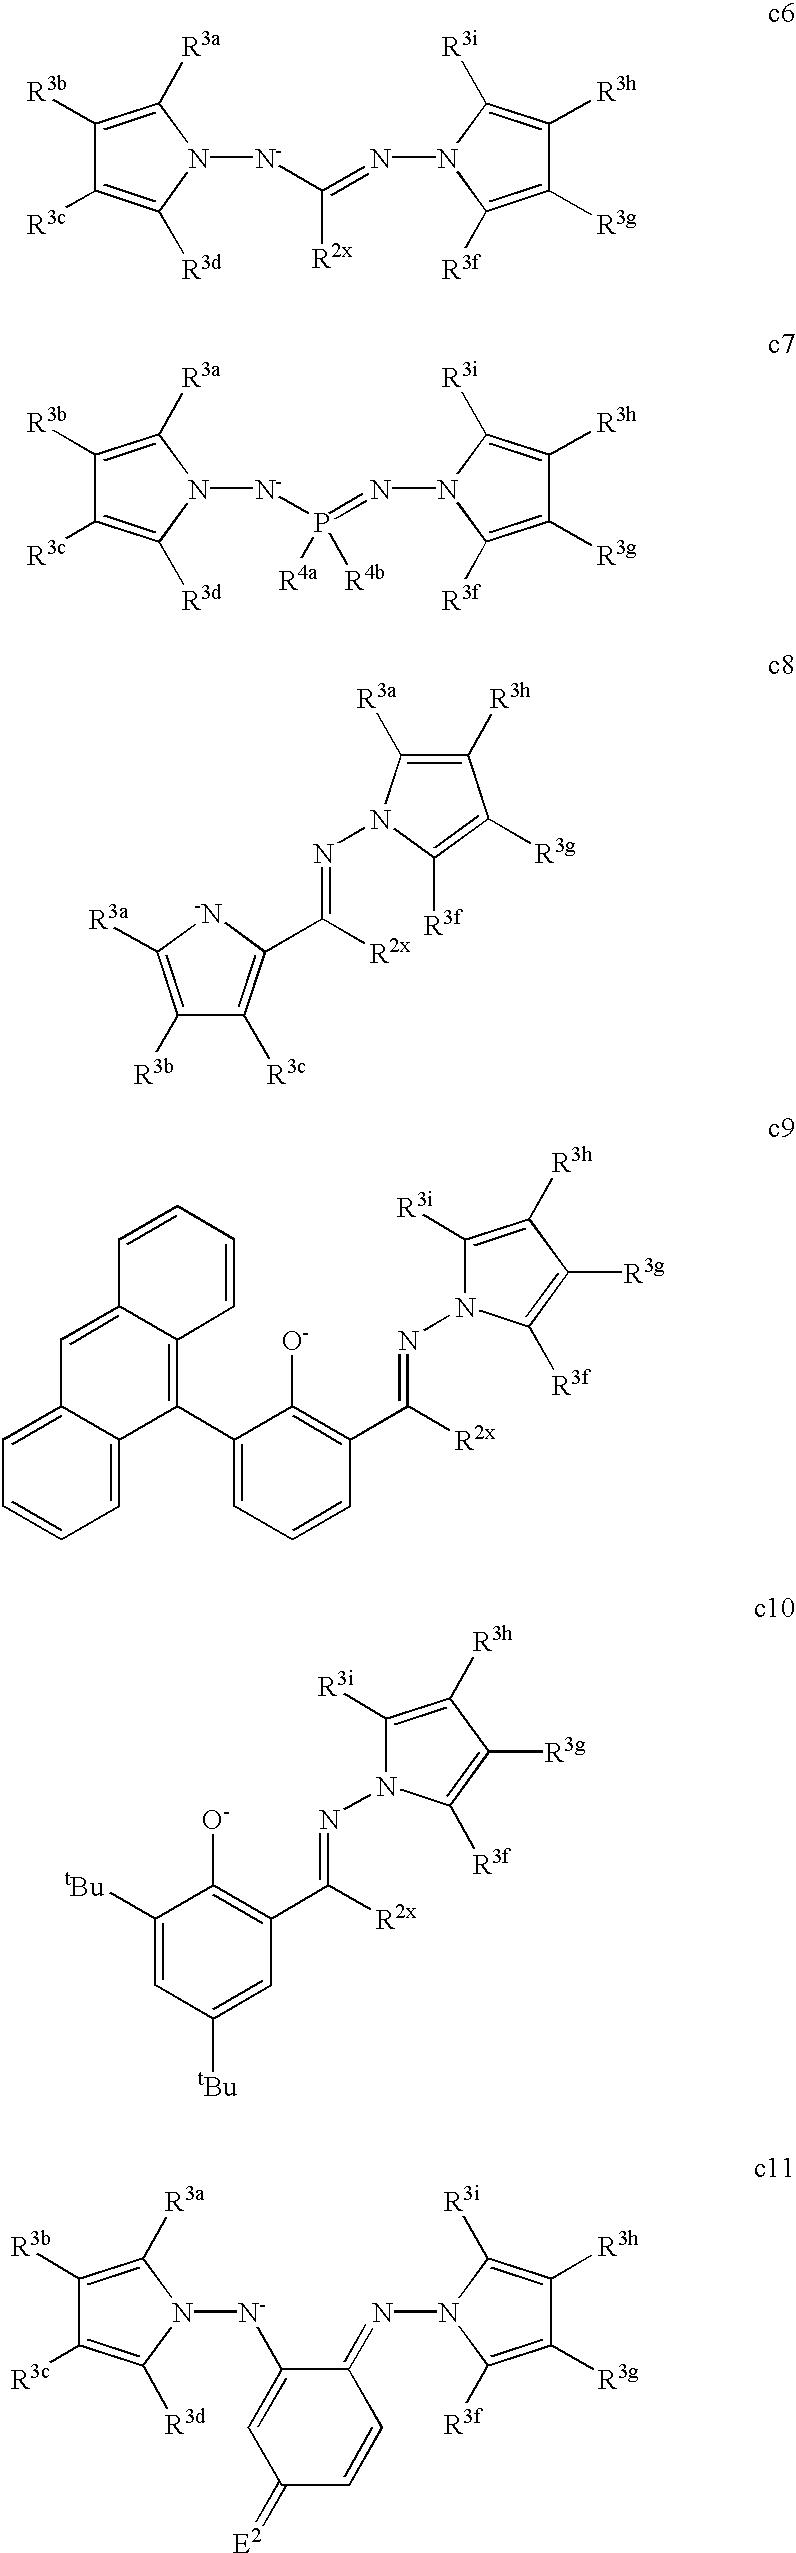 Figure US06545108-20030408-C00030